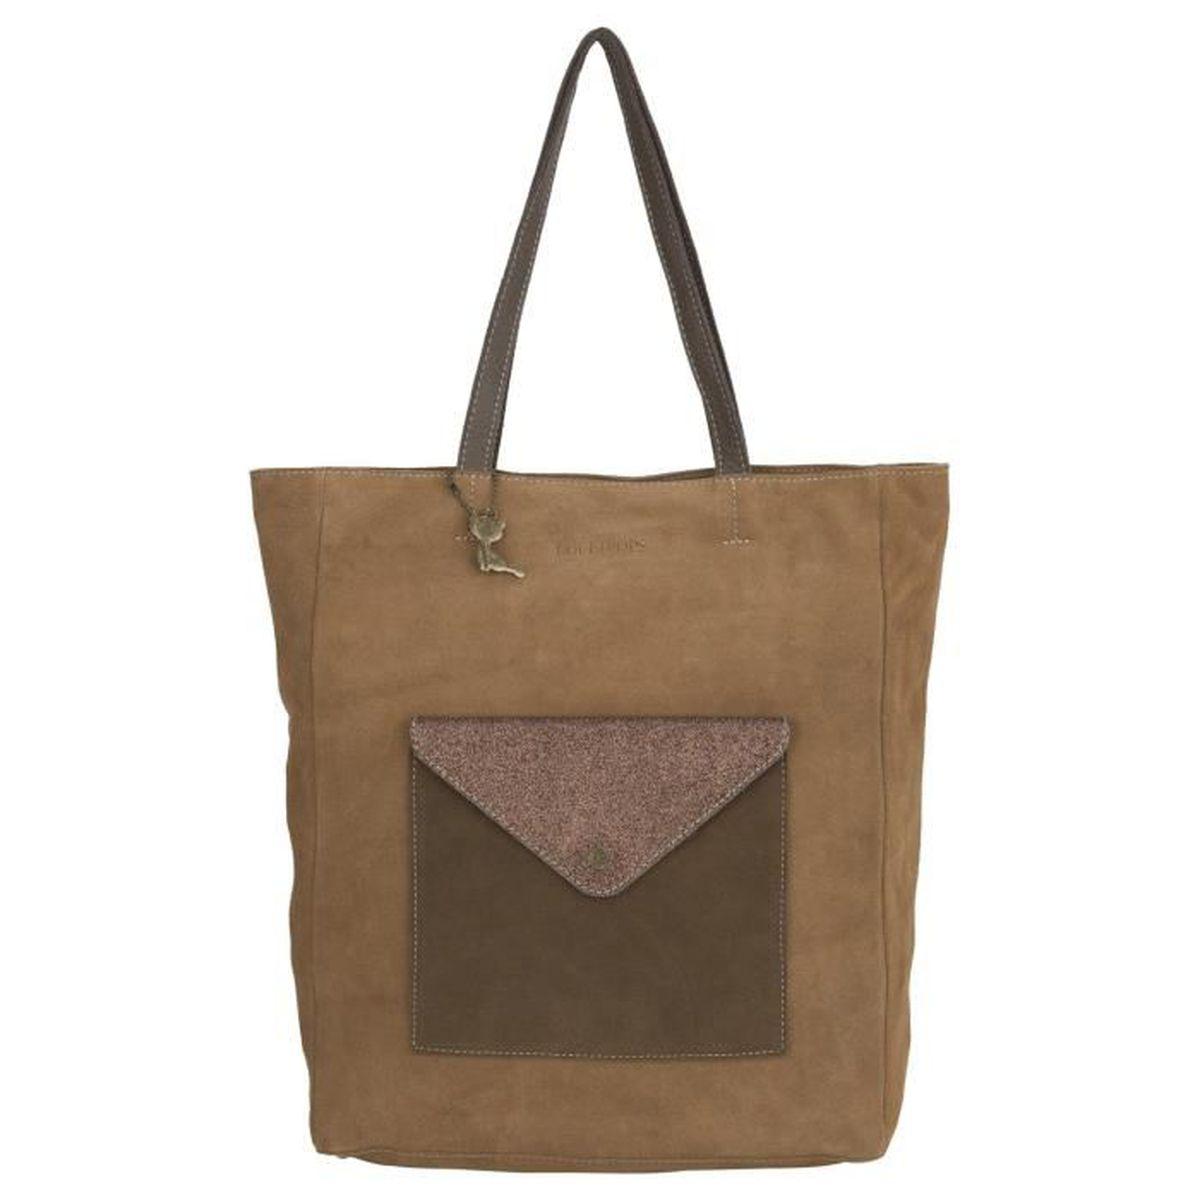 plus récent 4d28d 8d8e0 Grand sac cabas cuir bicolore marron Lollipops - Achat ...